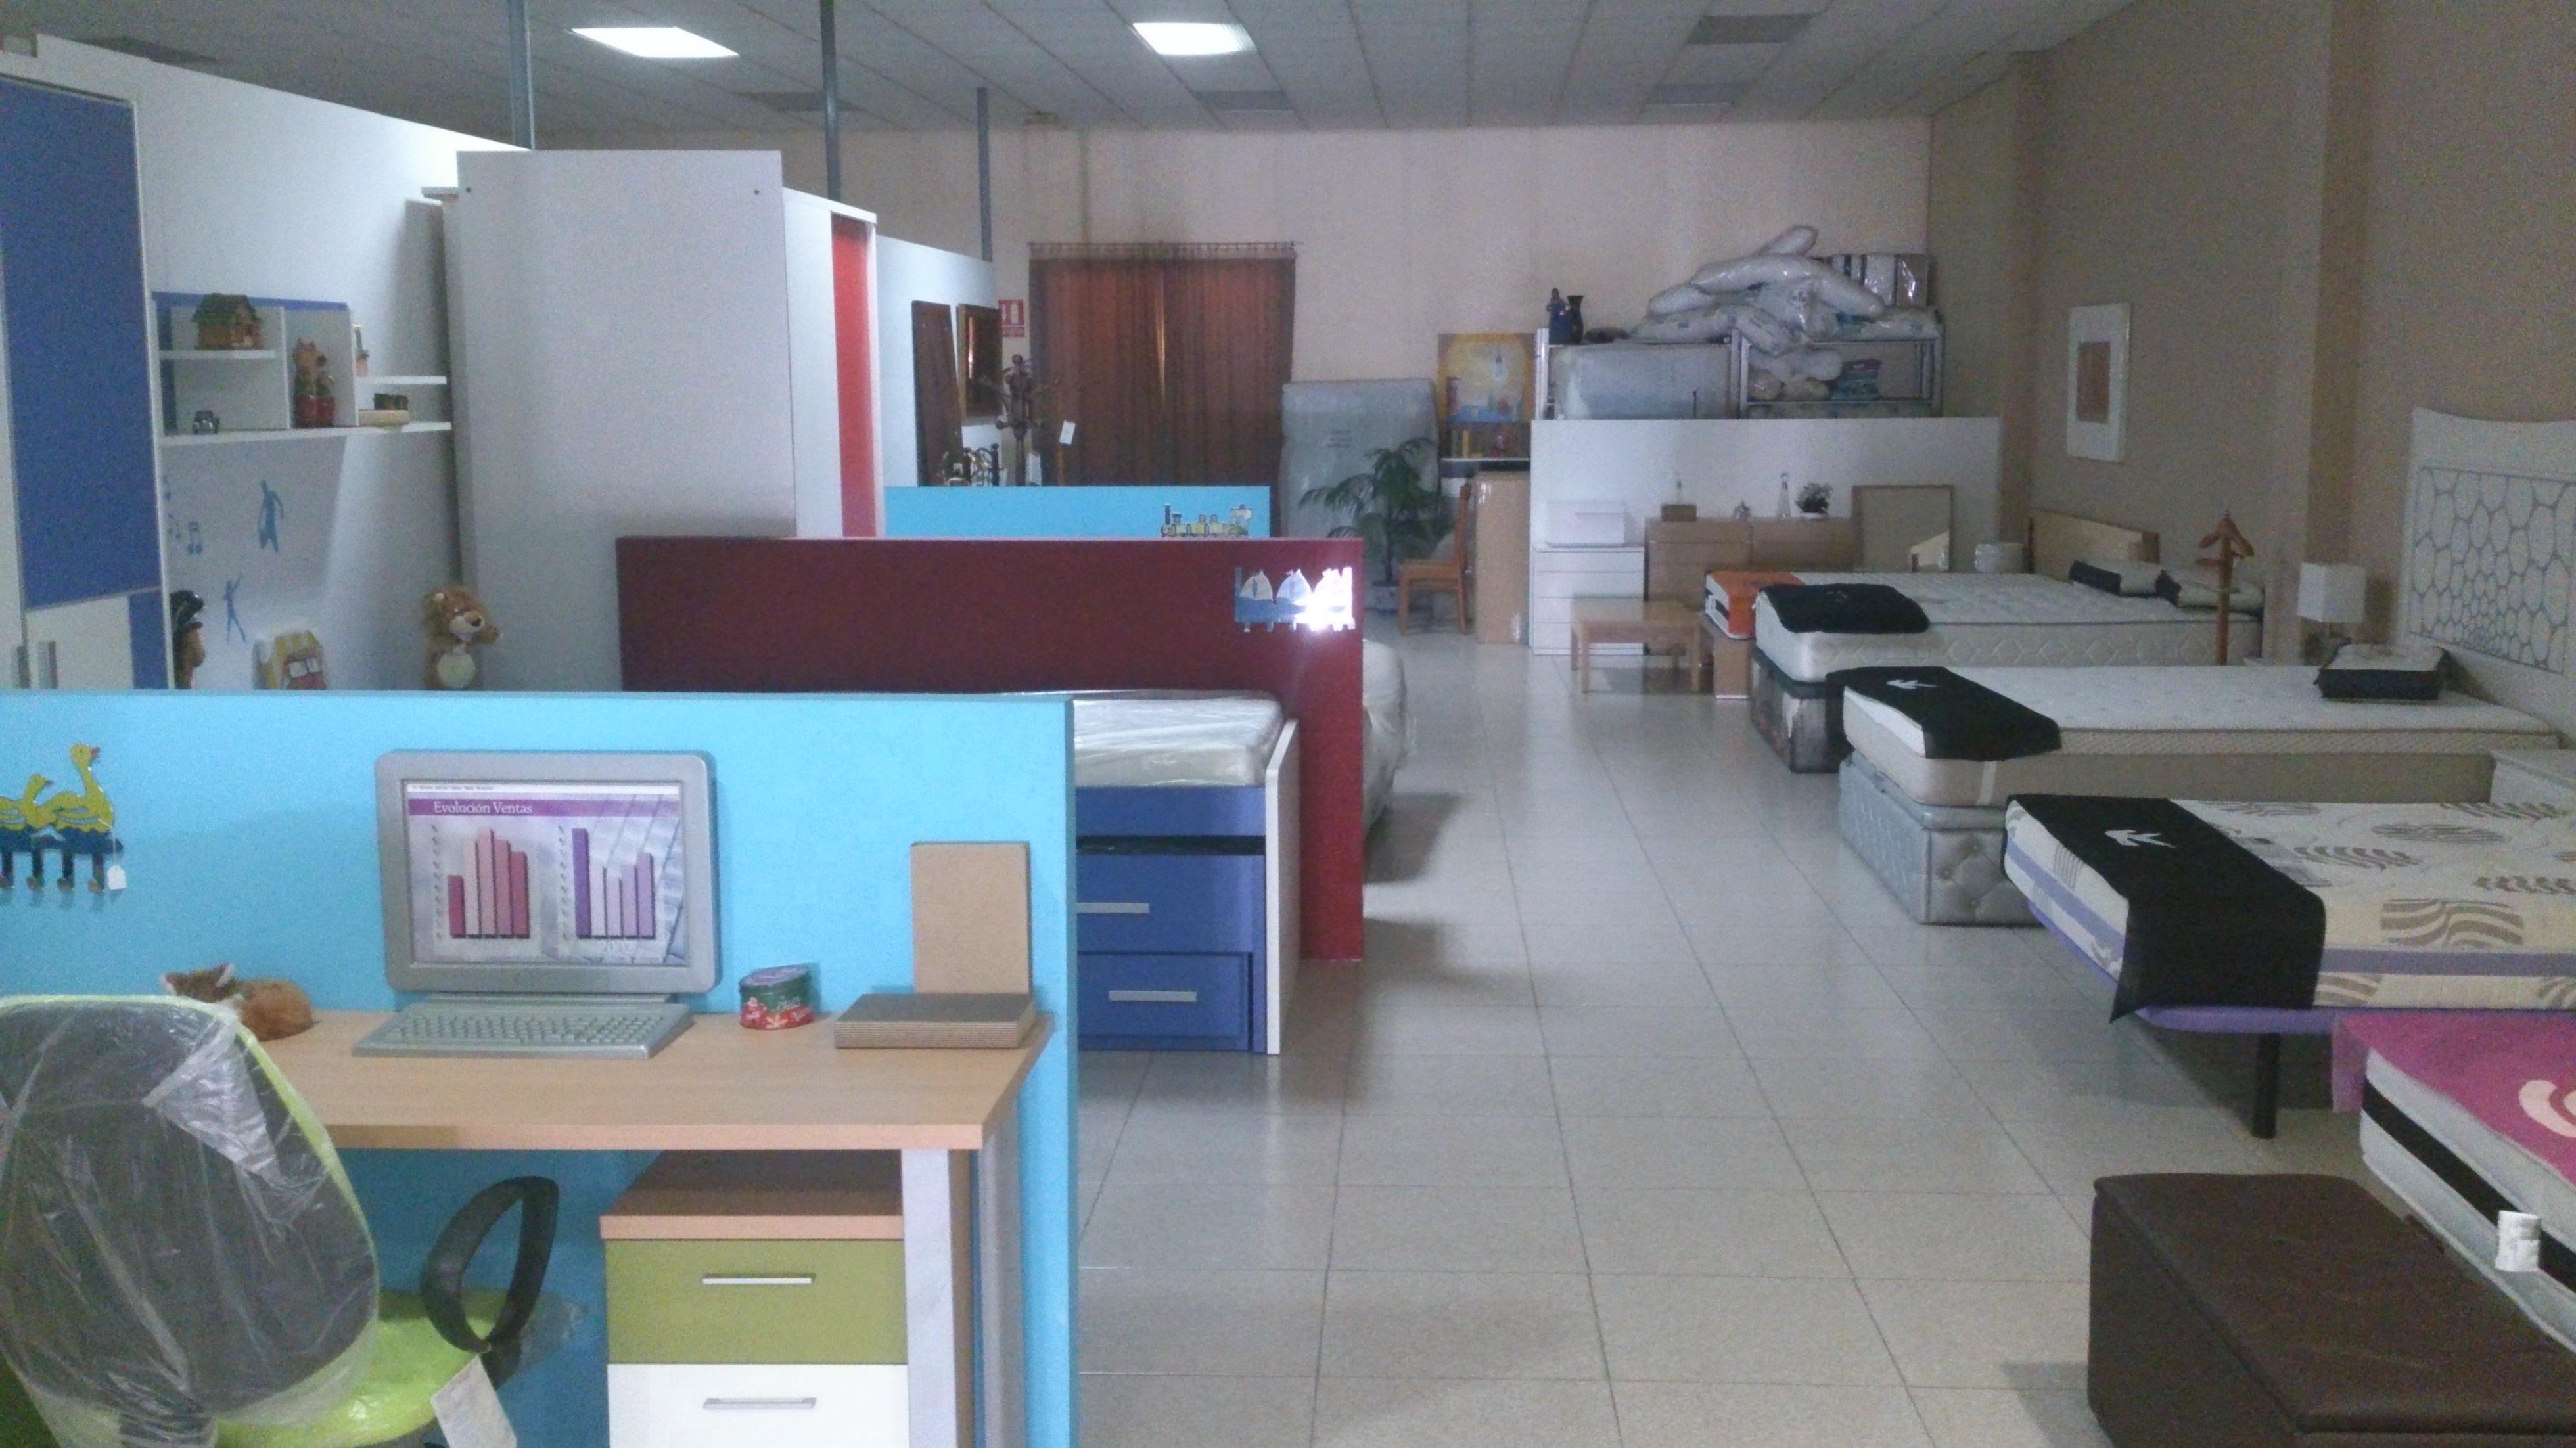 Tienda de muebles baratos online venta de muebles online for Muebles de exposicion baratos